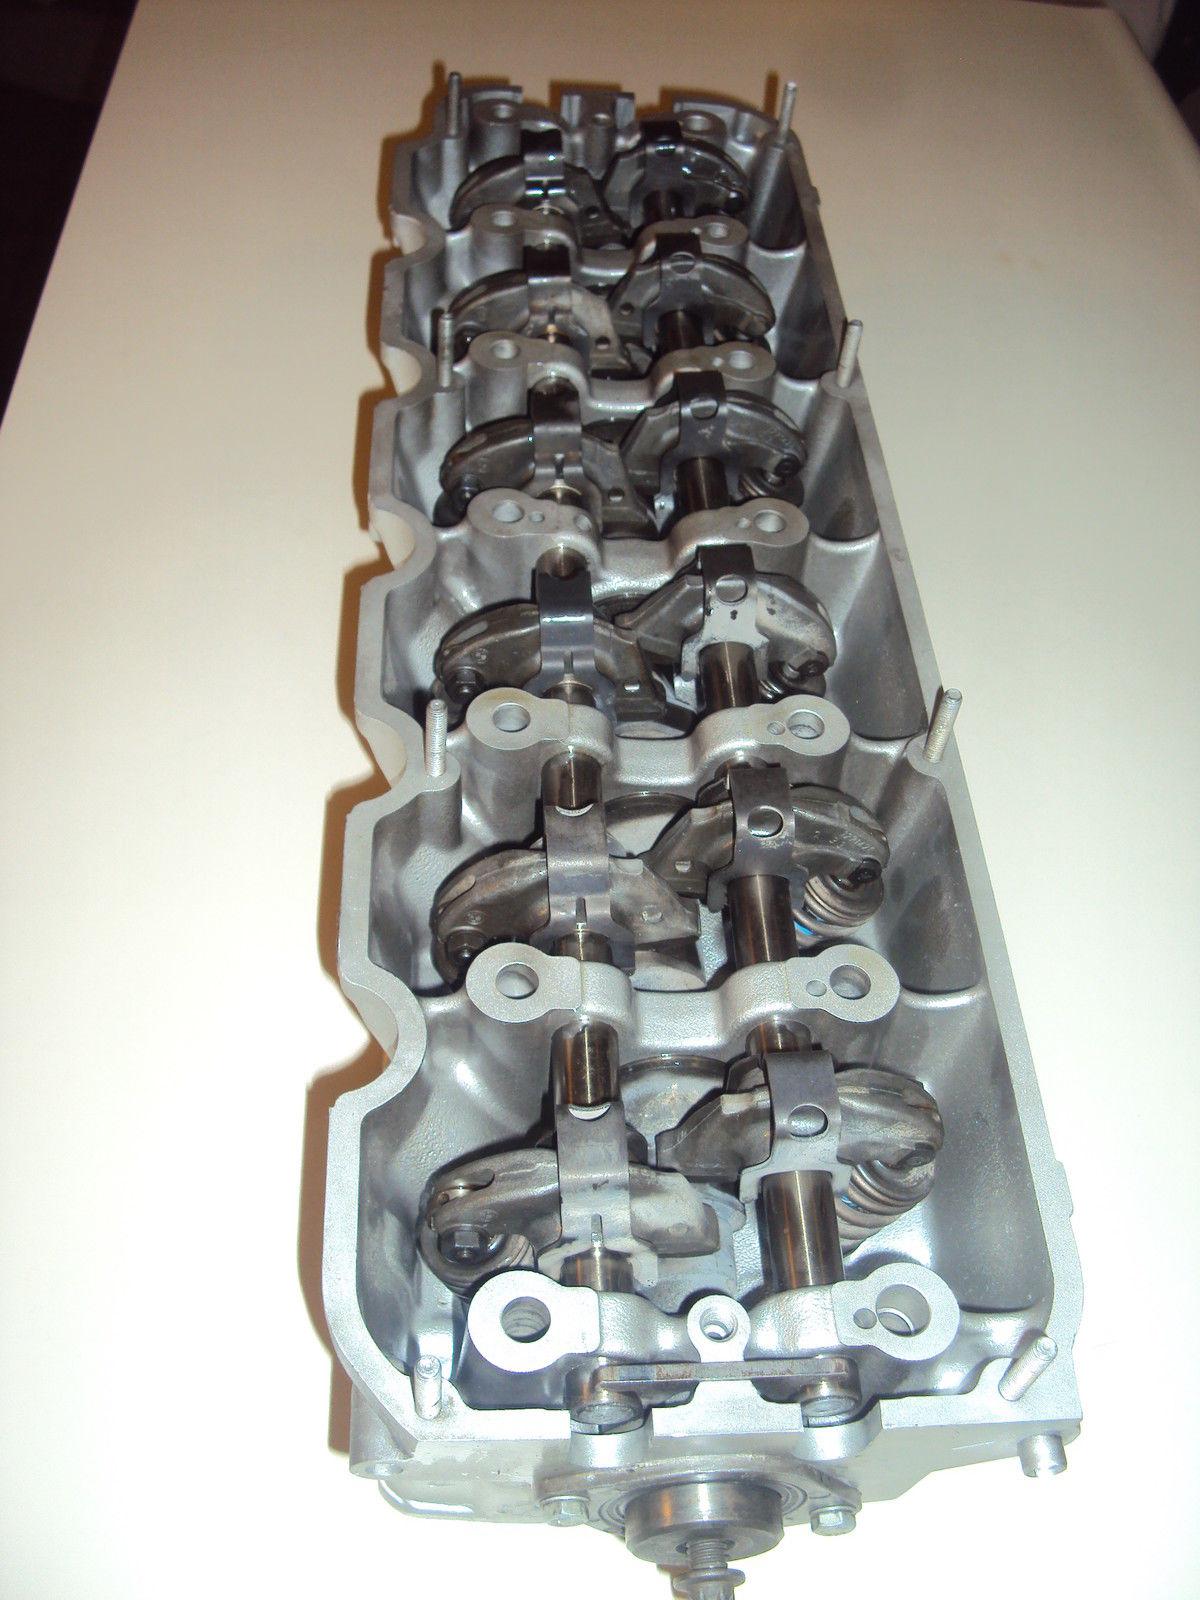 Bmw 325i For Sale >> BMW 325i E30 E34 M20 Completely Rebuild 885 Cylinder Head -325i 325is 1987-1992